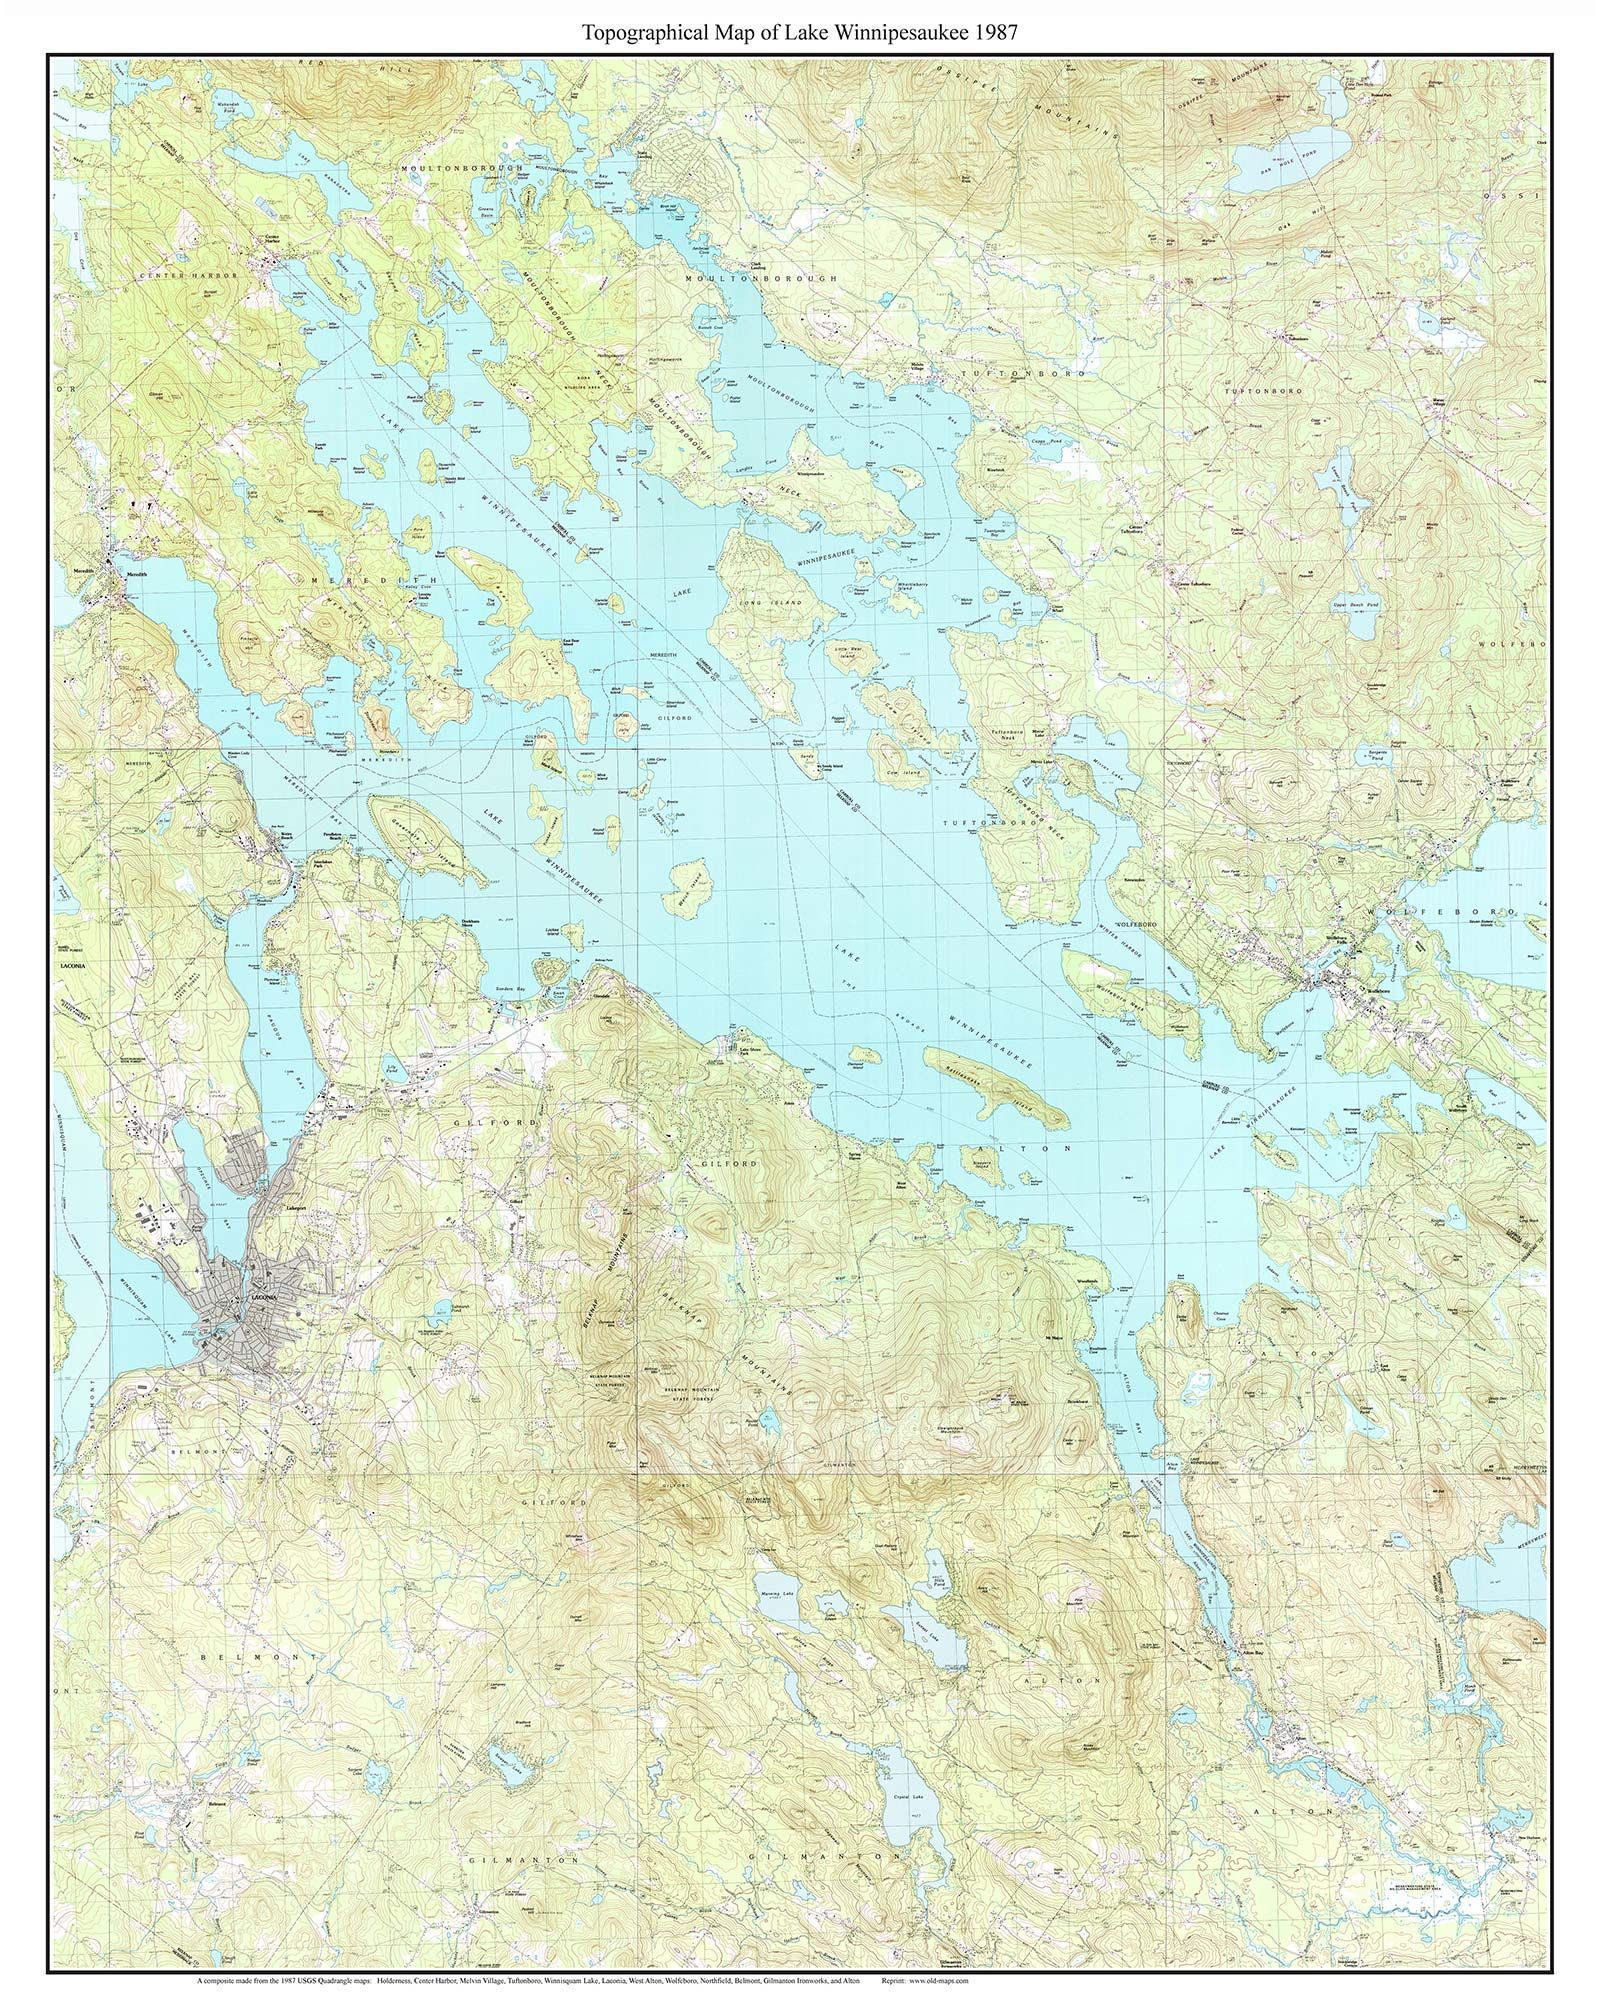 map of lake winnisquam nh Lake Winnipesaukee Topographic Map Lake Winnipesaukee map of lake winnisquam nh